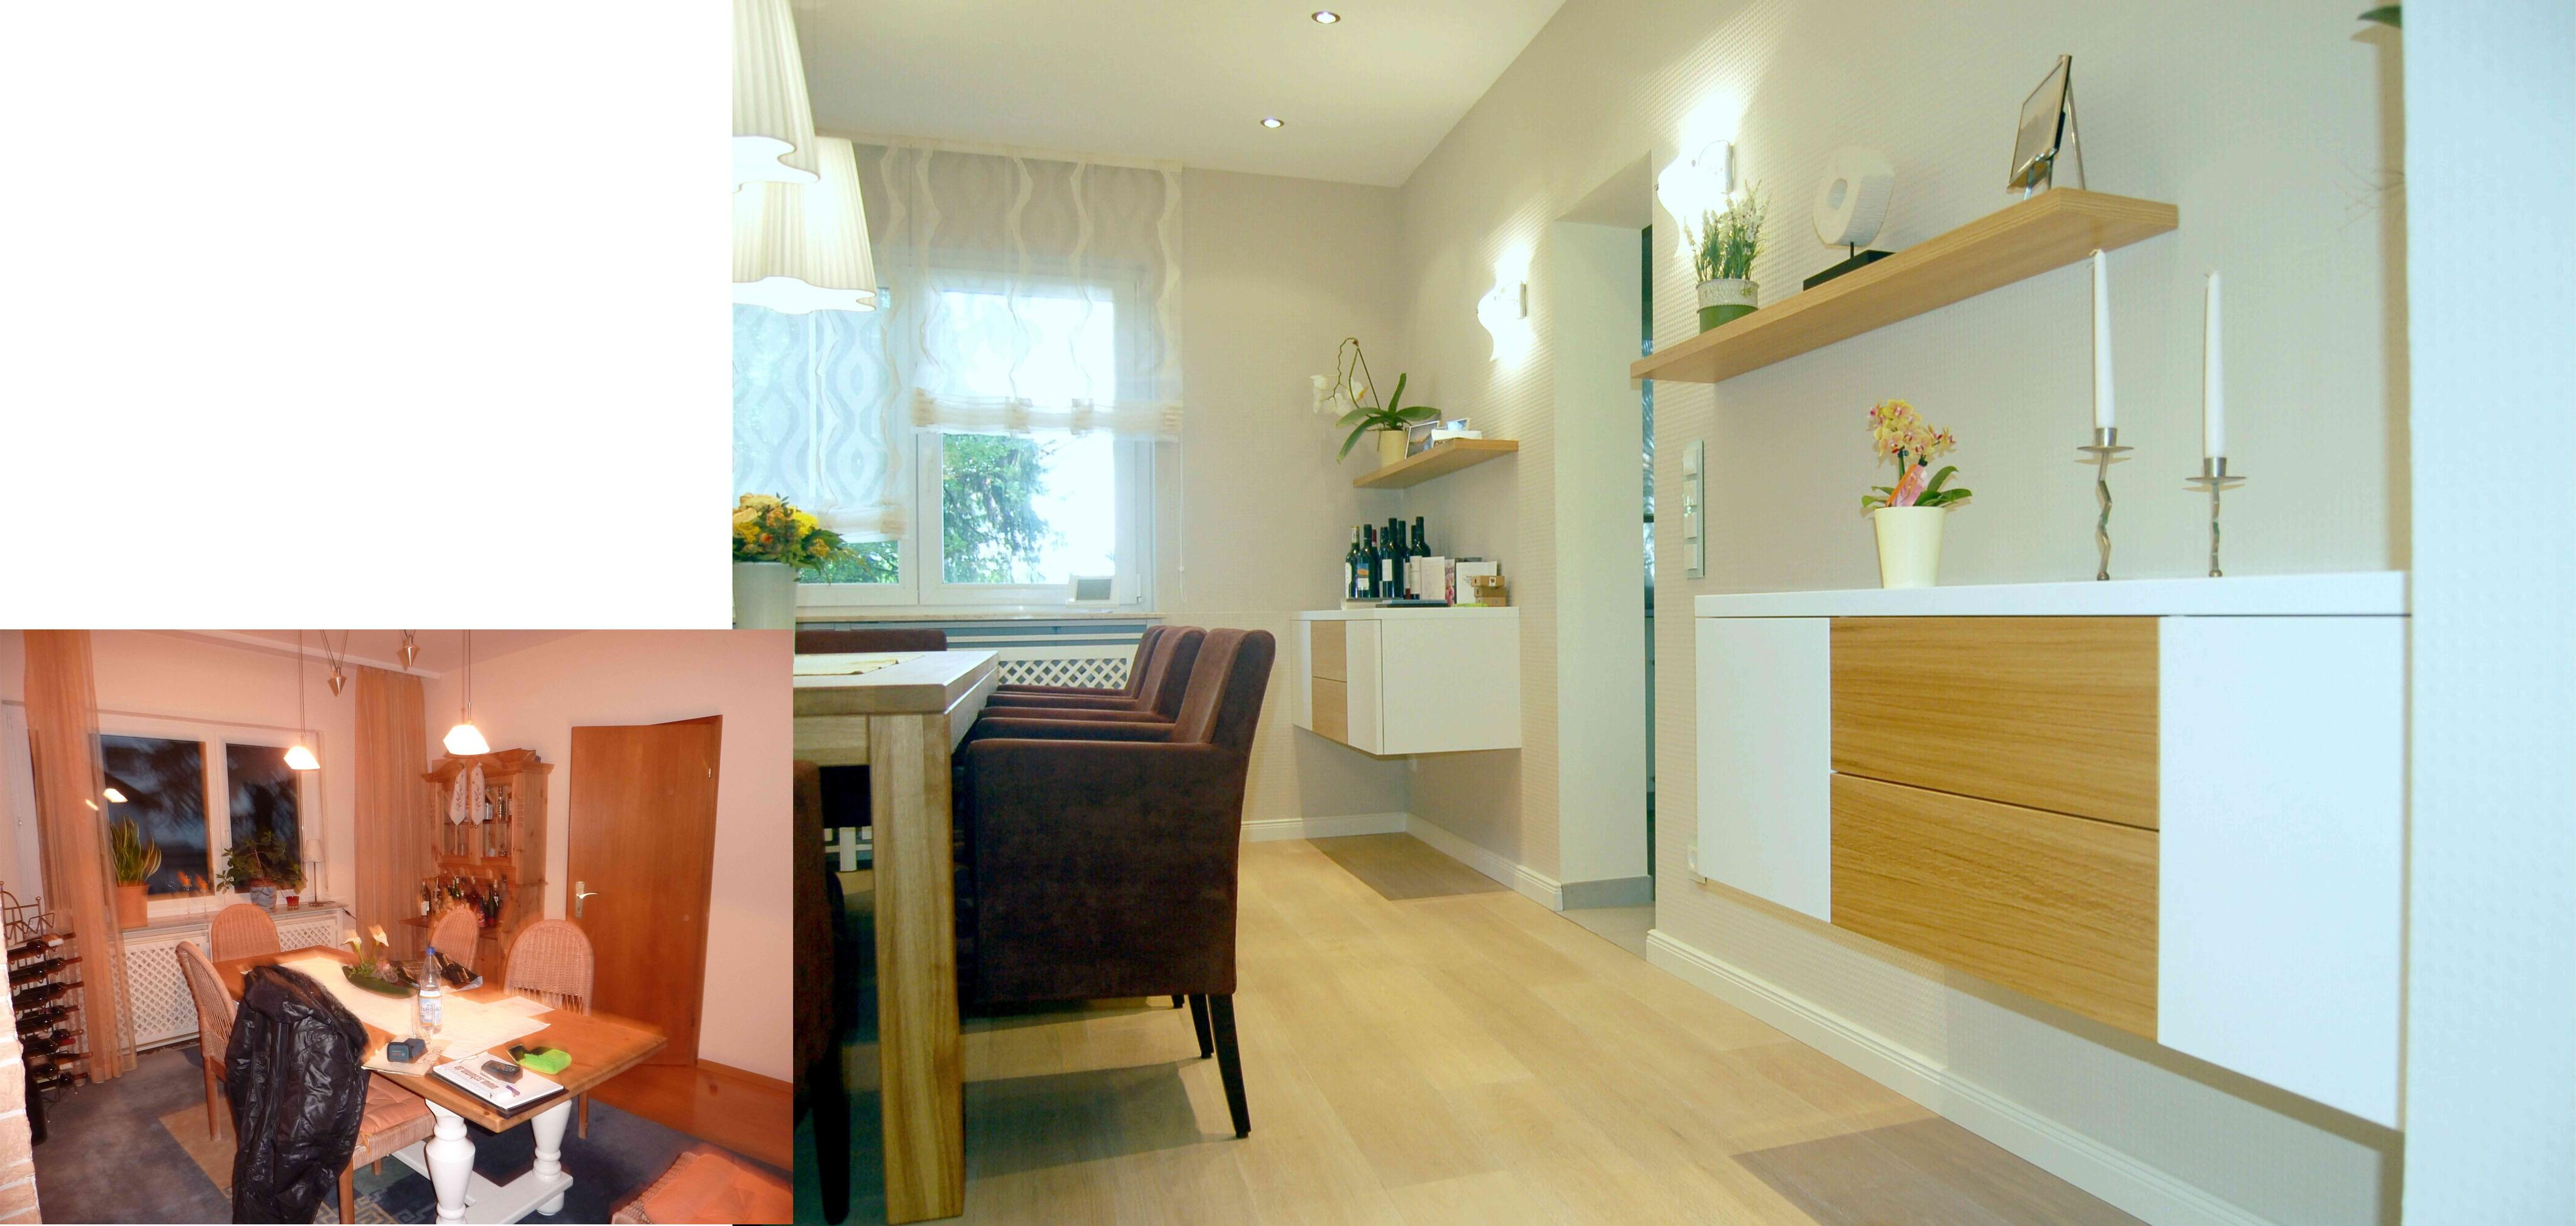 esszimmer einrichtung bilder ideen couch. Black Bedroom Furniture Sets. Home Design Ideas